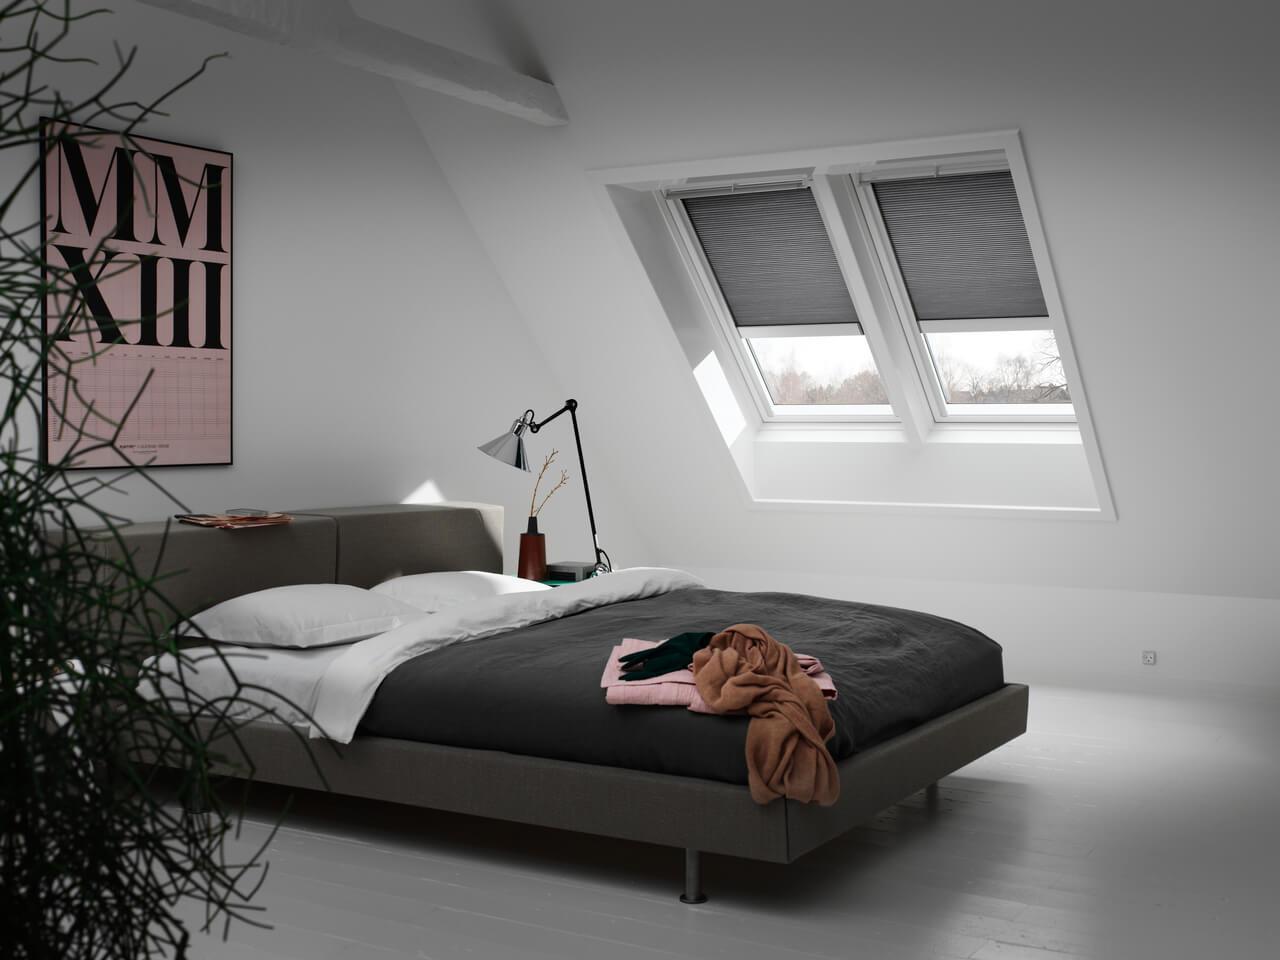 Velux offre un nuovo modo di concepire la tua casa smartweek - Dimensioni finestre velux ...